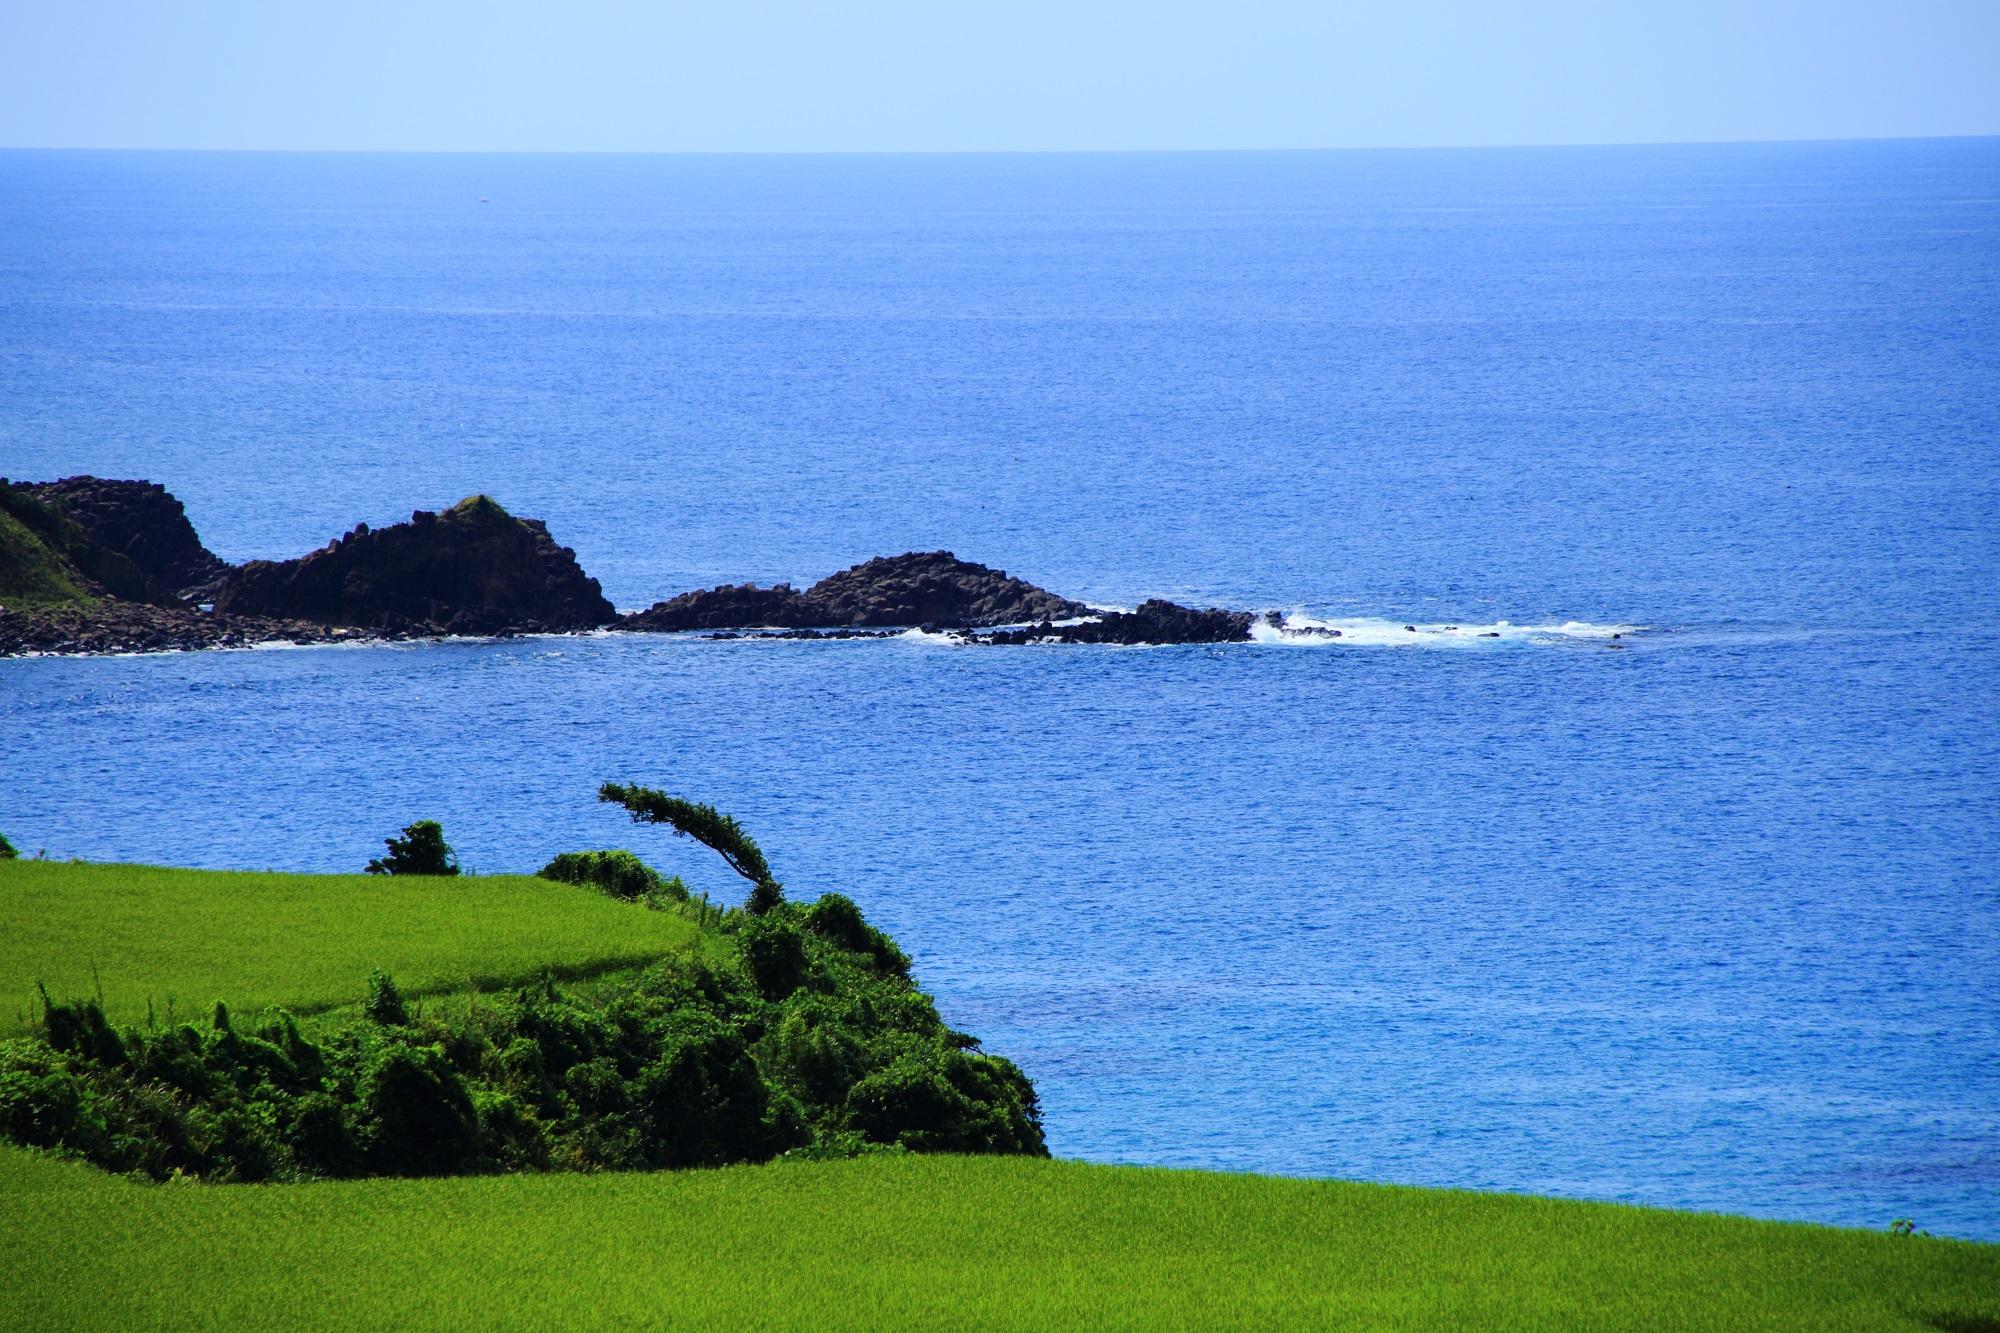 少し振り返ると開けている京丹後の日本海